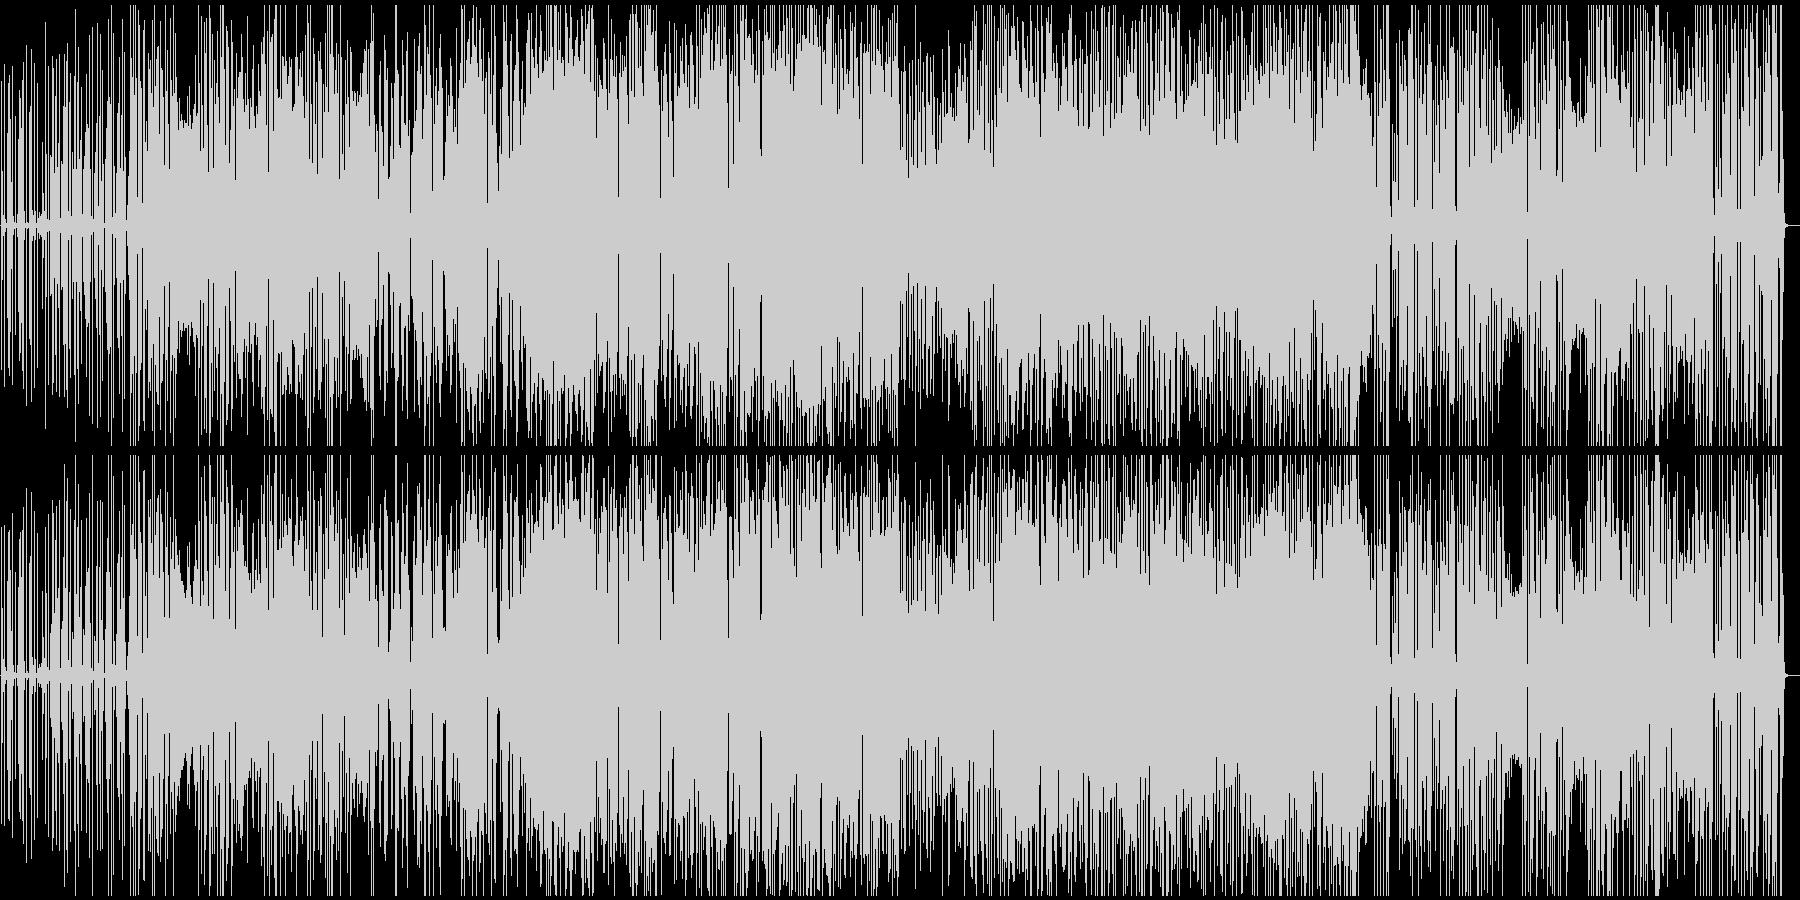 イントロドラムとグルーヴジャズ、オ...の未再生の波形